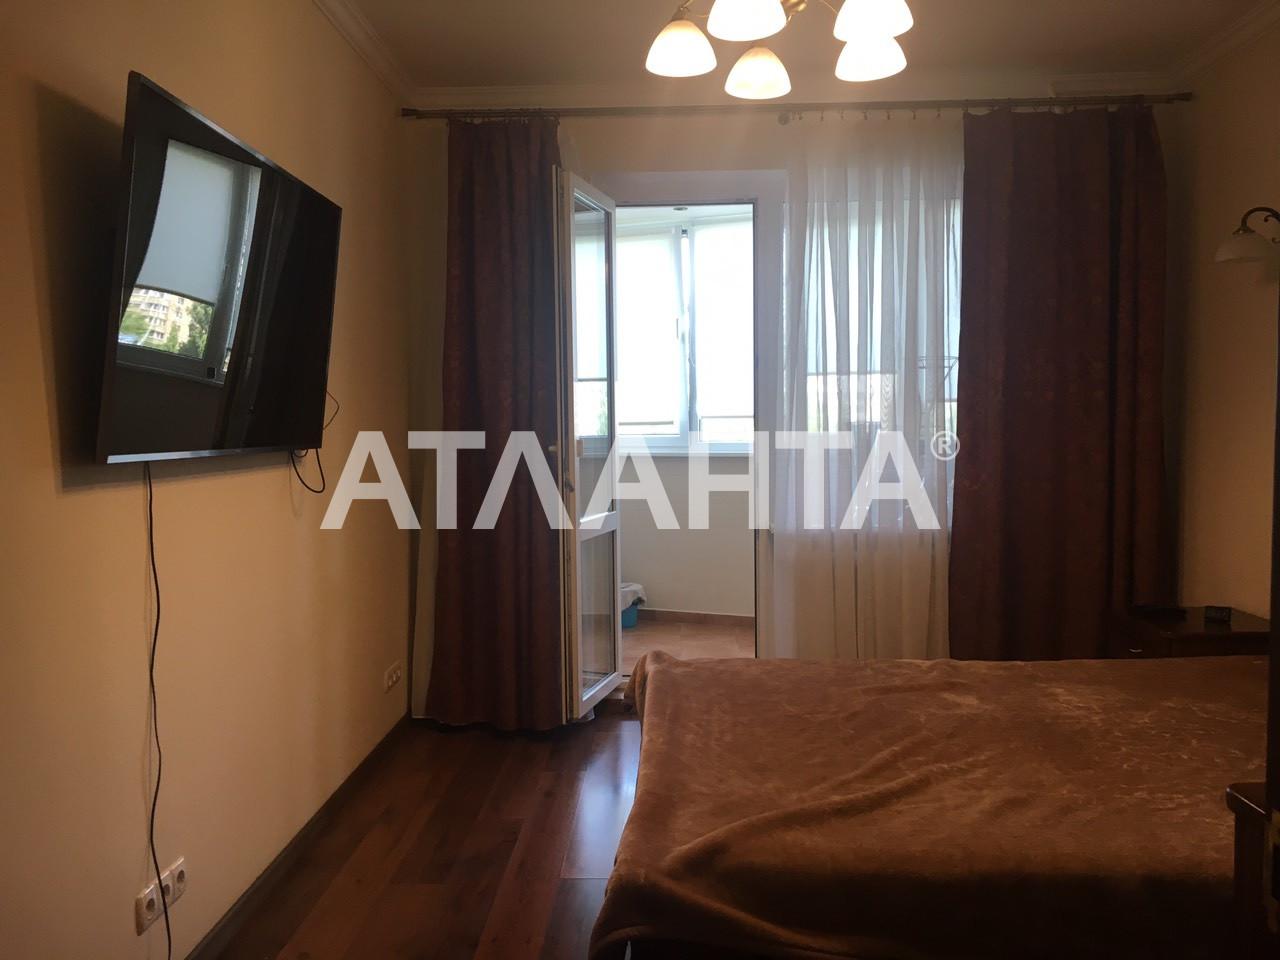 Продается 3-комнатная Квартира на ул. Высоцкого — 50 000 у.е. (фото №7)